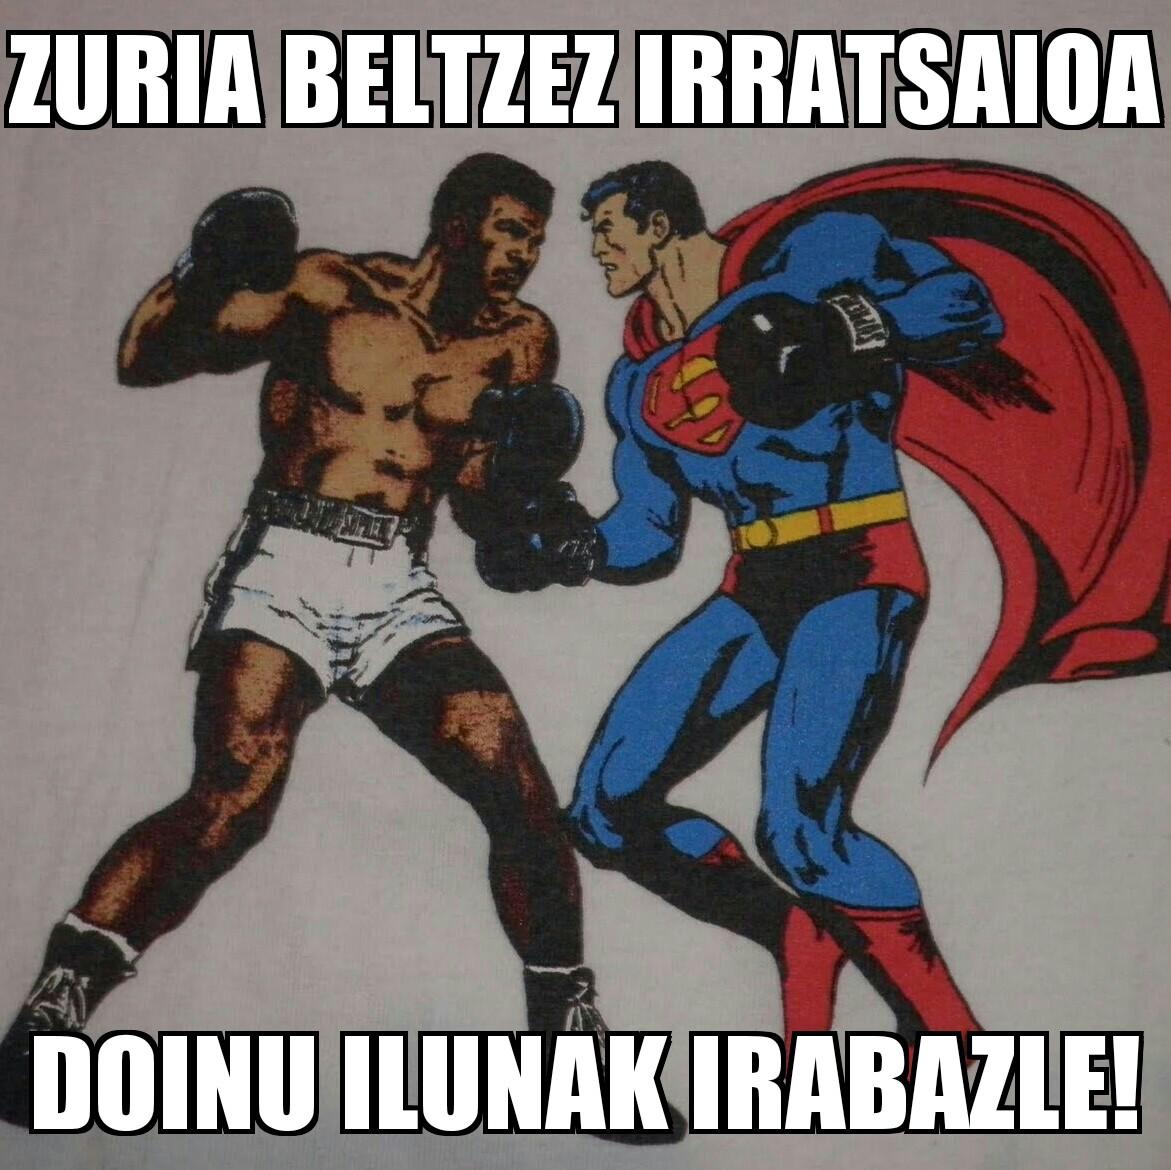 216.-  Zuria  Beltzez  14-11-09  (atzeko  kaletik)